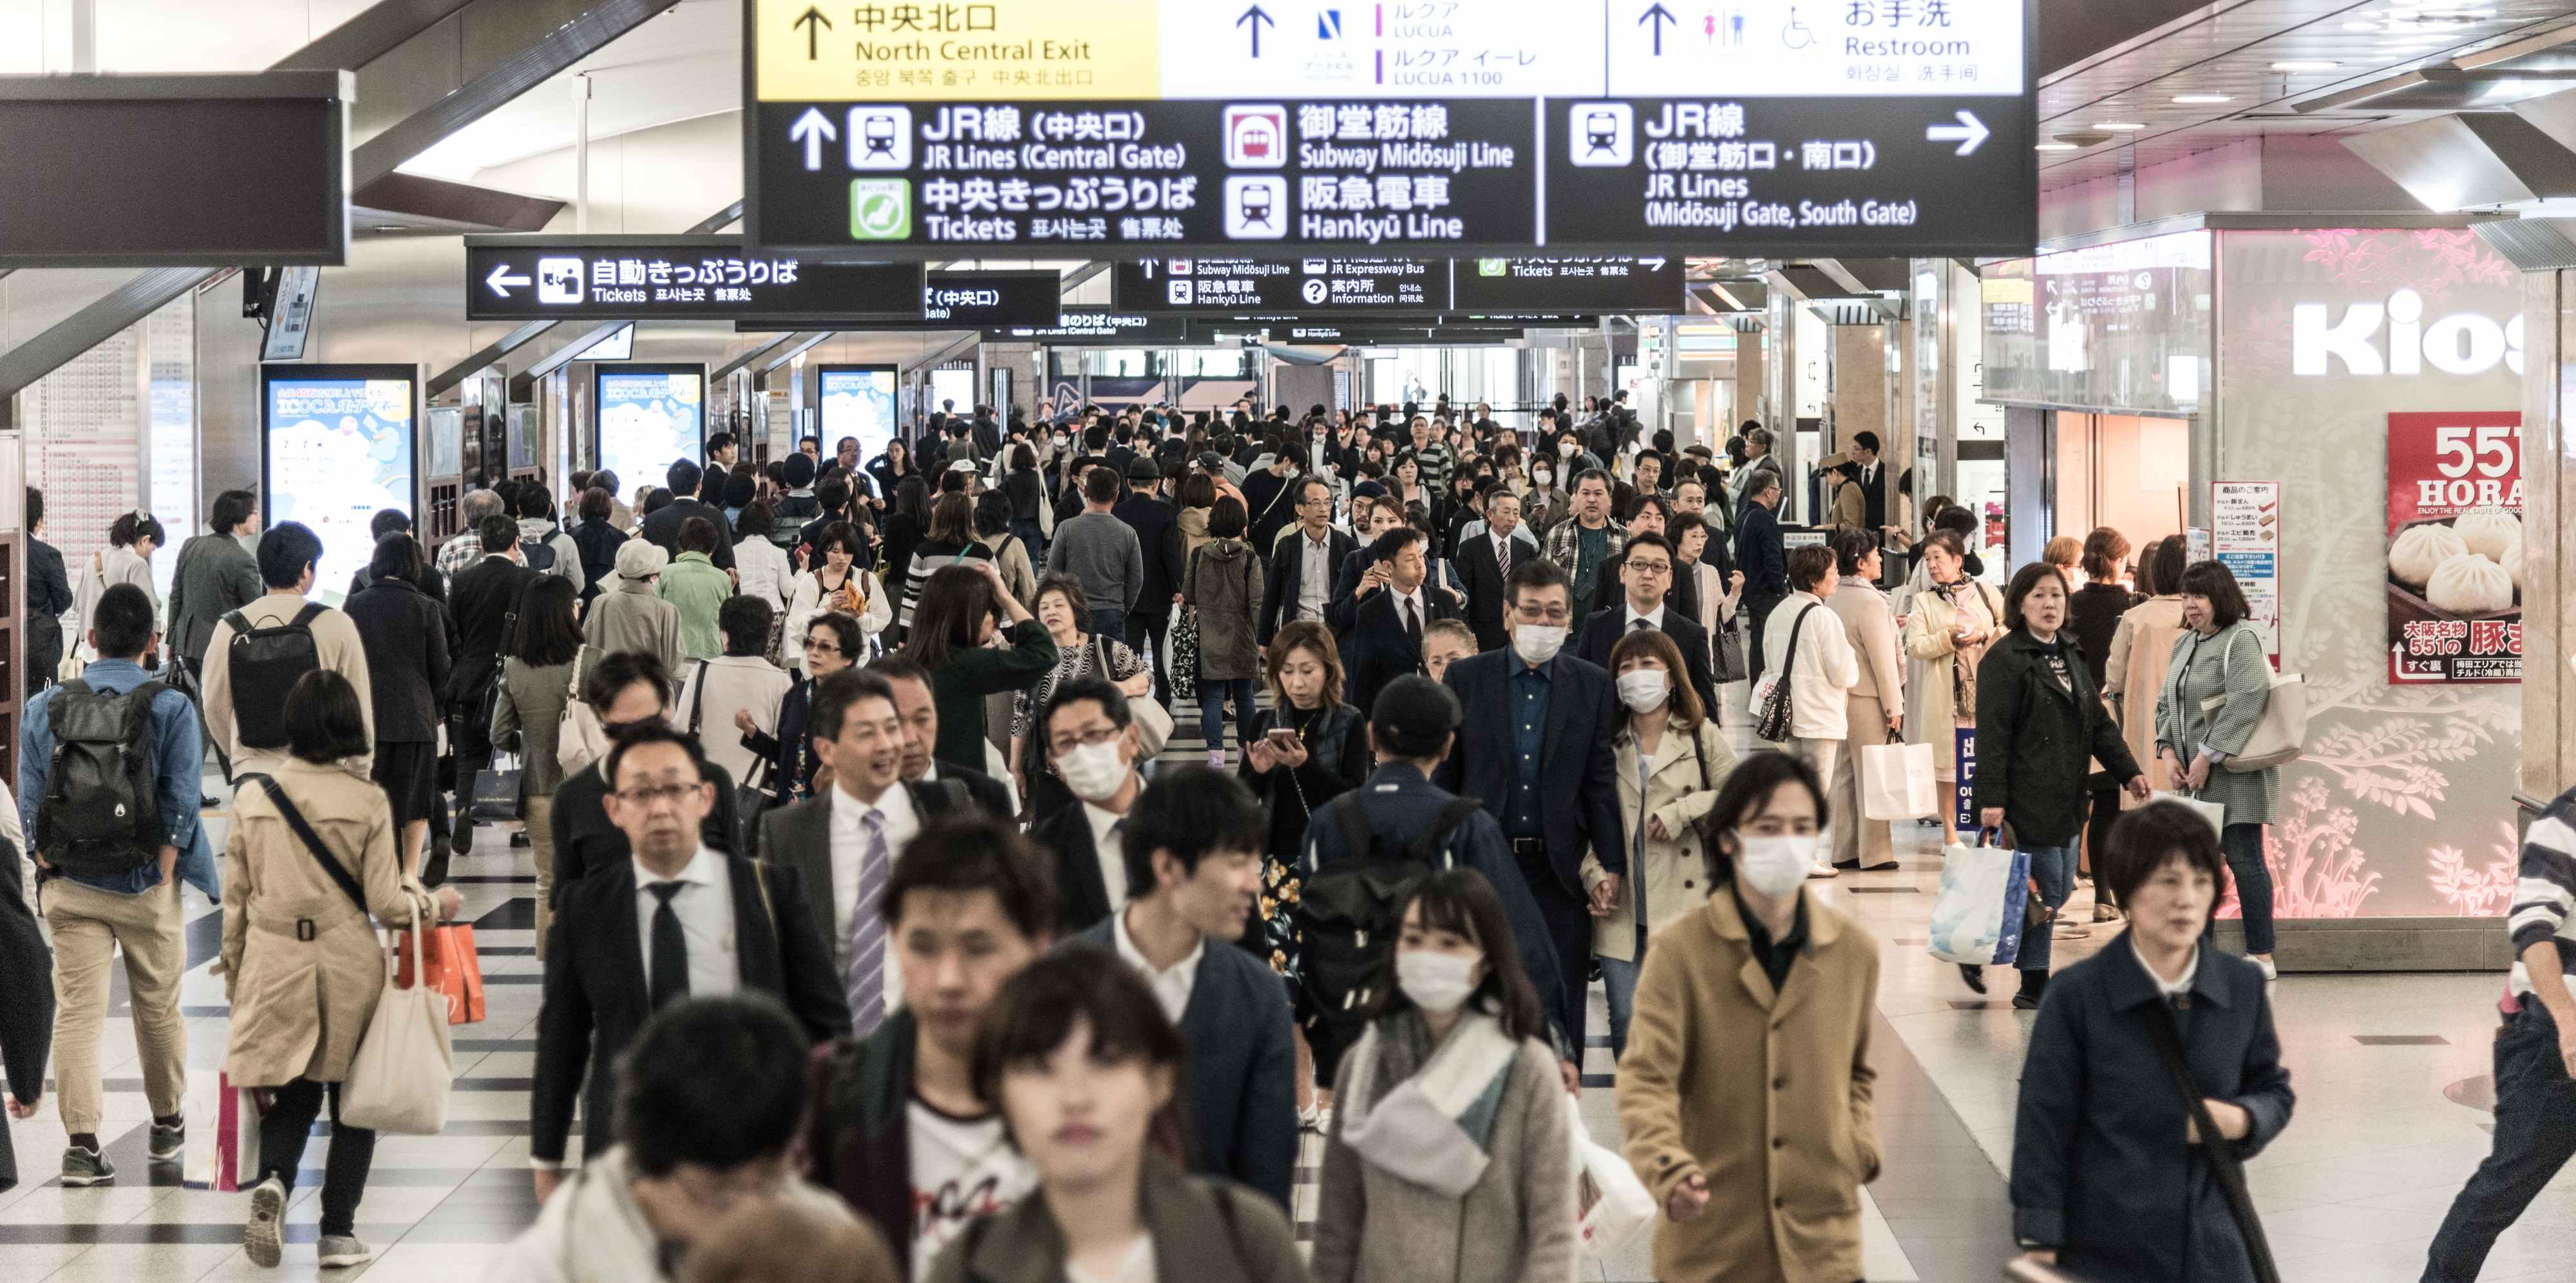 Mensen gaan 's avonds naar huis in het Metrostation van Osaka Japan. (Foto: Jozef Van Giel)